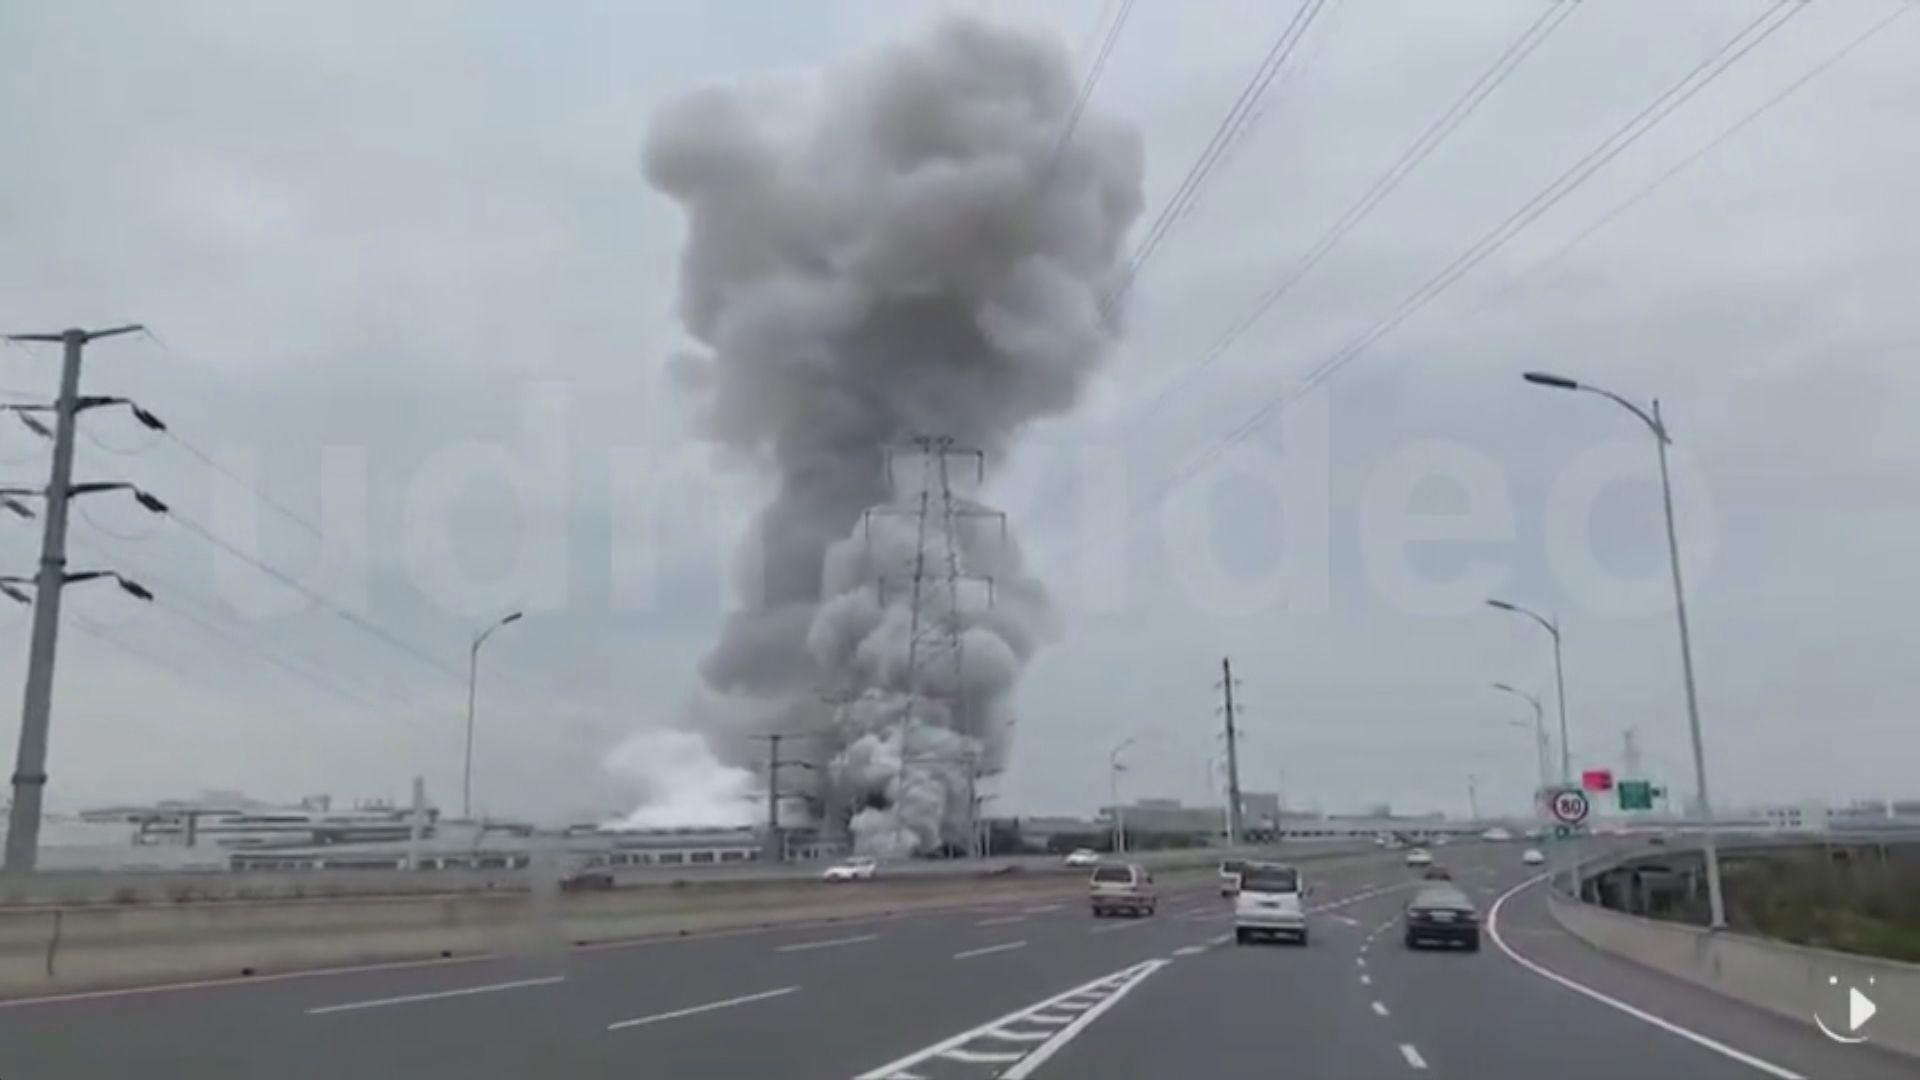 江蘇昆山台資廠房發生燃爆致7死多傷